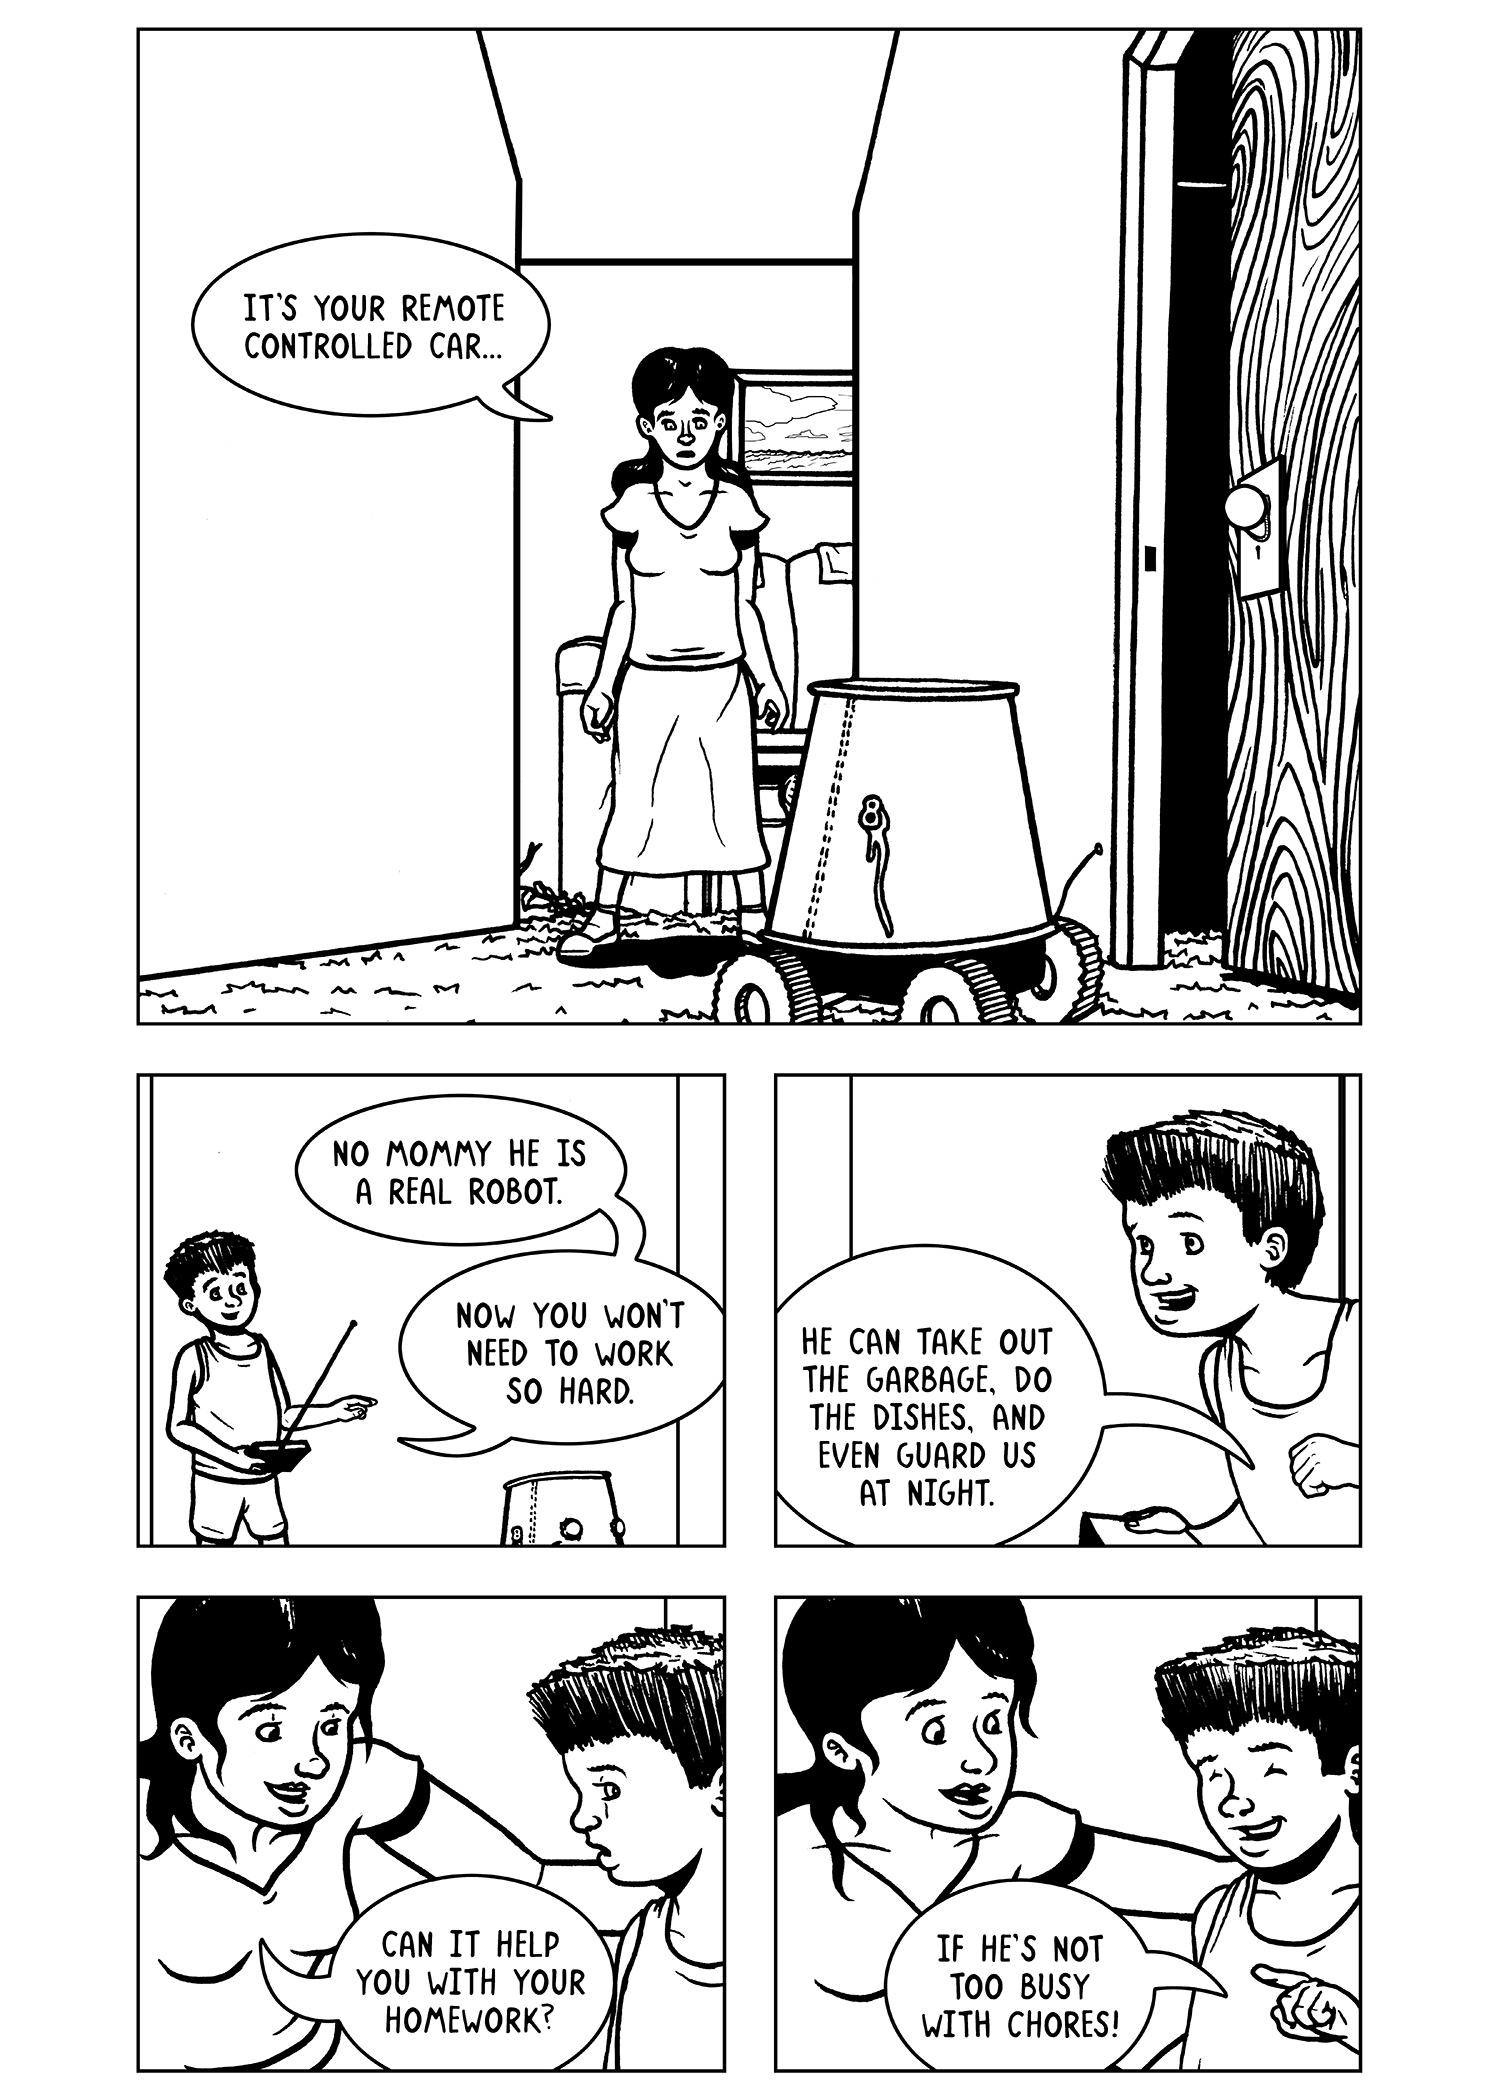 QWERTY_comic_30